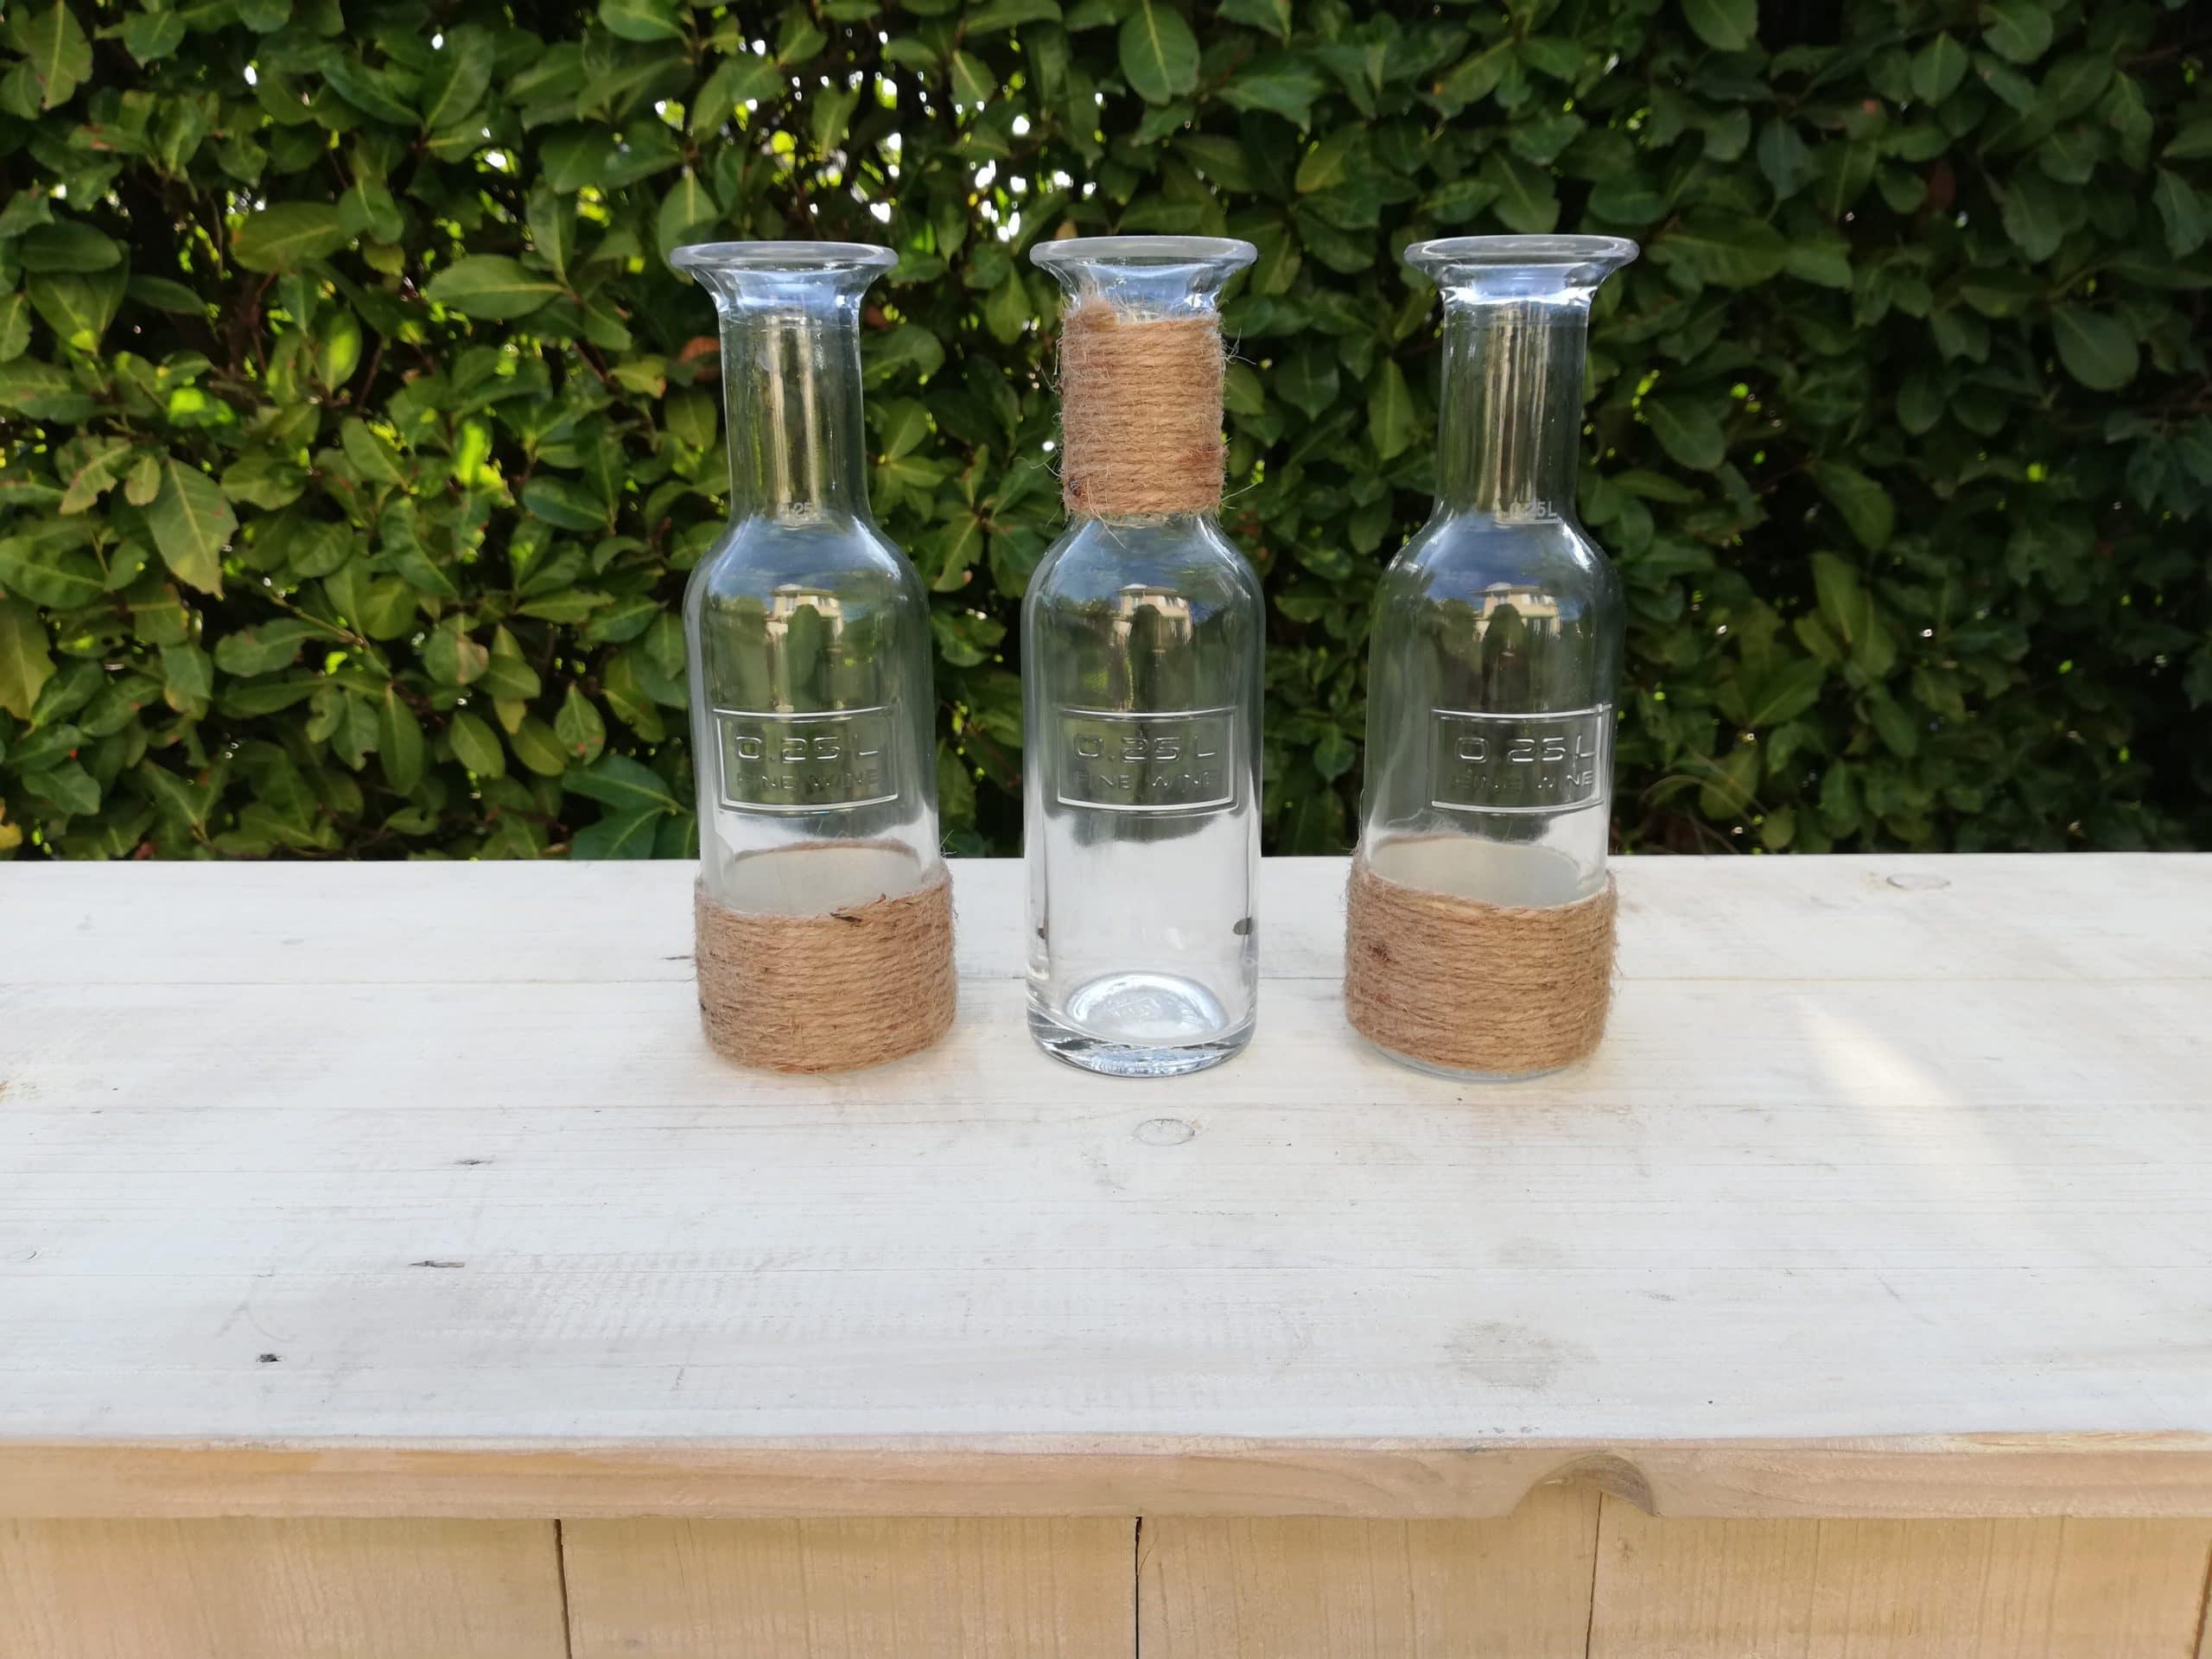 lot de trois bouteilles en verre et corde pour une décoration champêtre proposé à la location par esprit pop'up